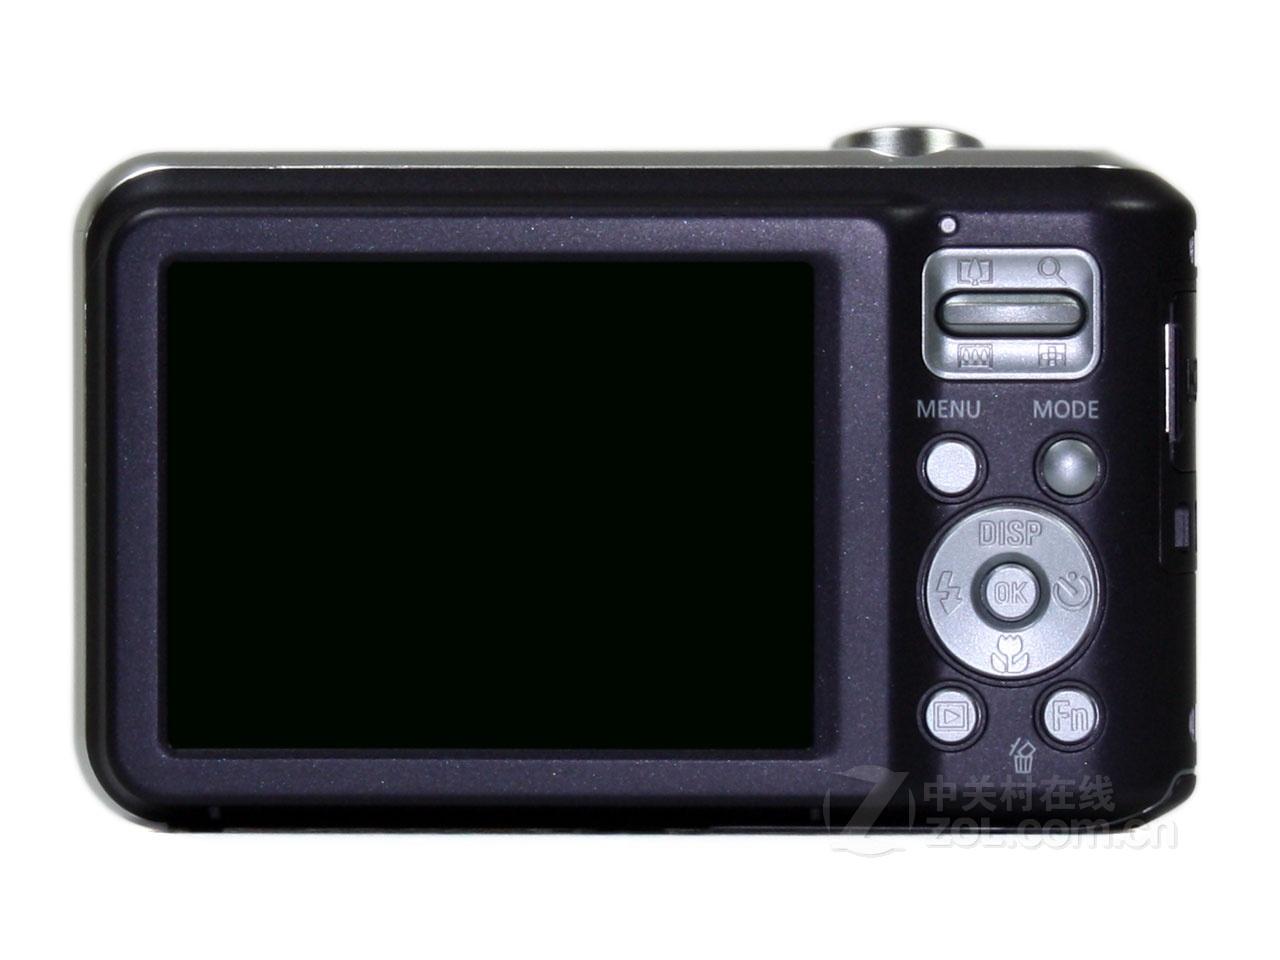 原装正品Samsung/三星 ES70数码照相机 户外旅游 正品非二手时尚